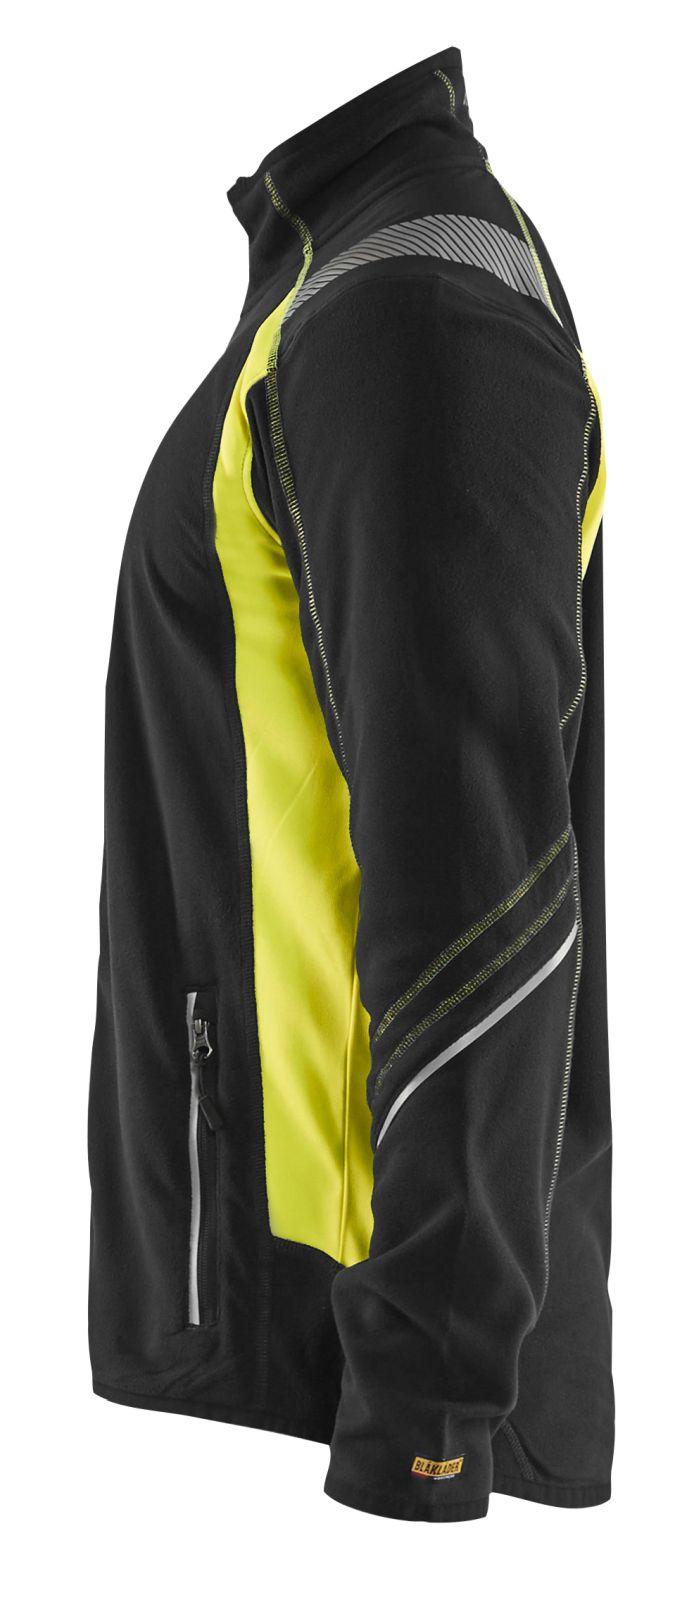 Blaklader Fleece vesten 49931010 zwart-geel(9933)